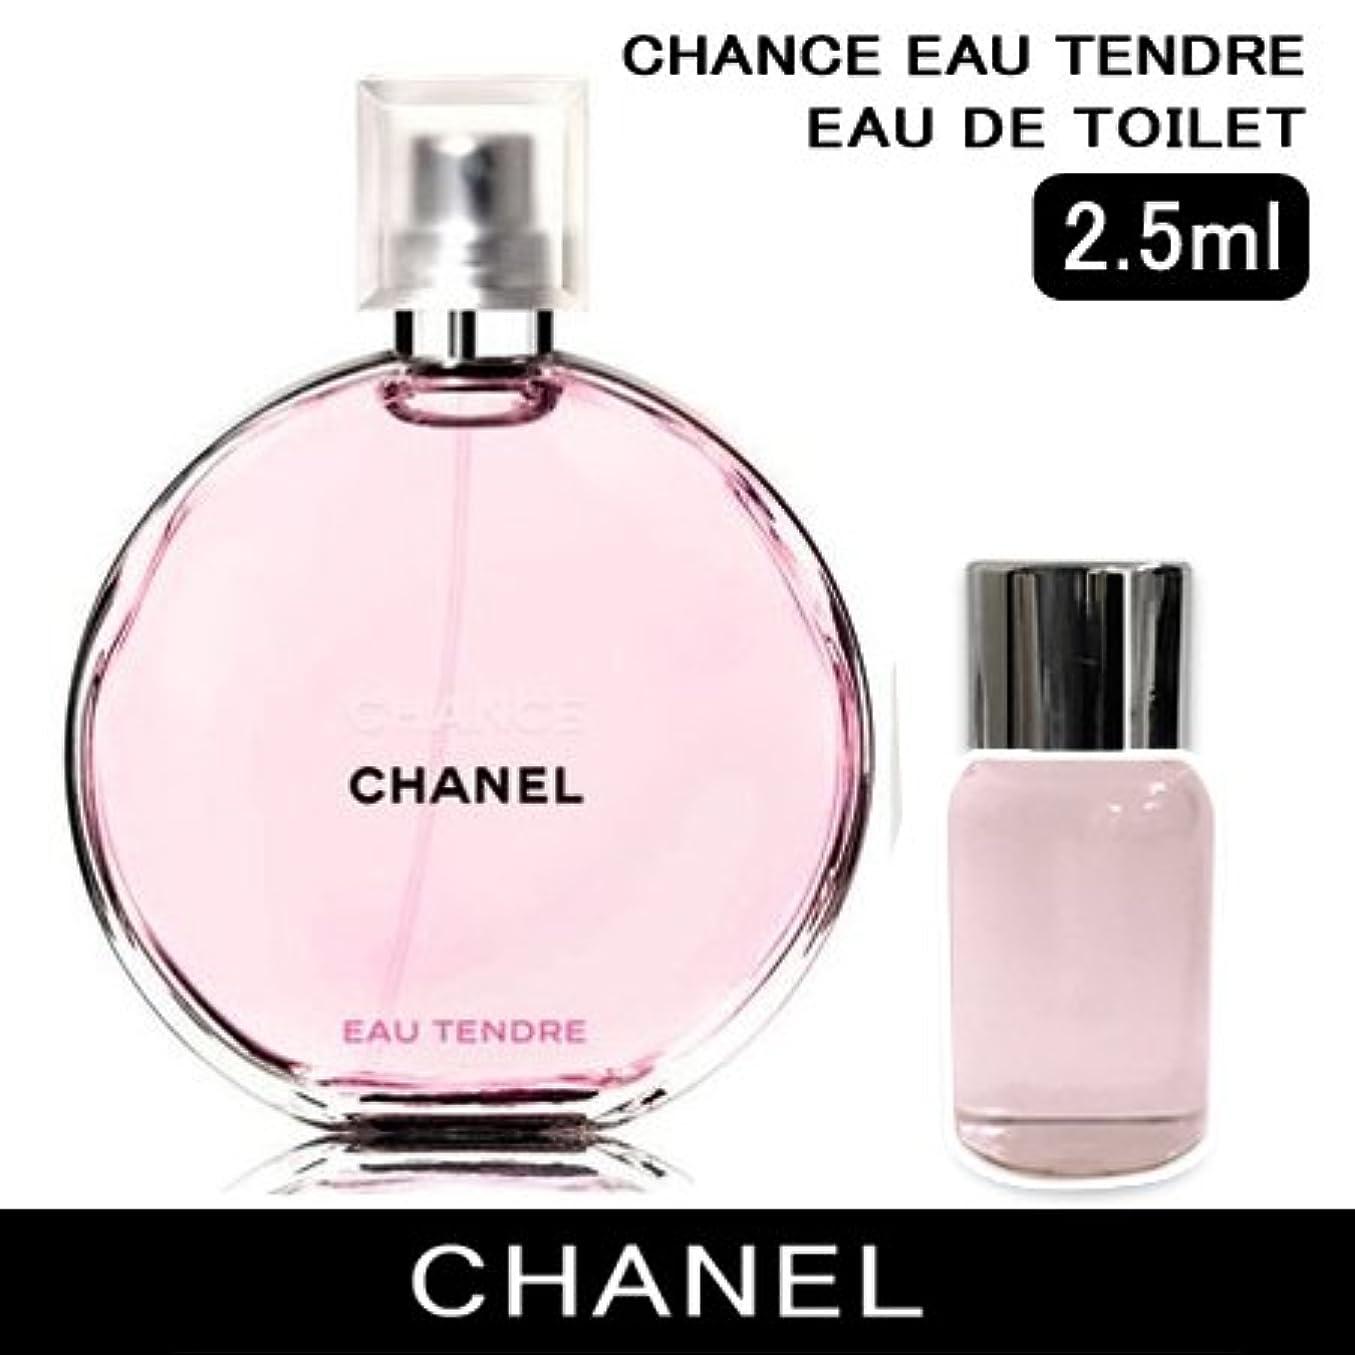 シャネル(CHANEL) チャンス オー タンドゥル EDT 2.5ml (ミニチュア)[並行輸入品]